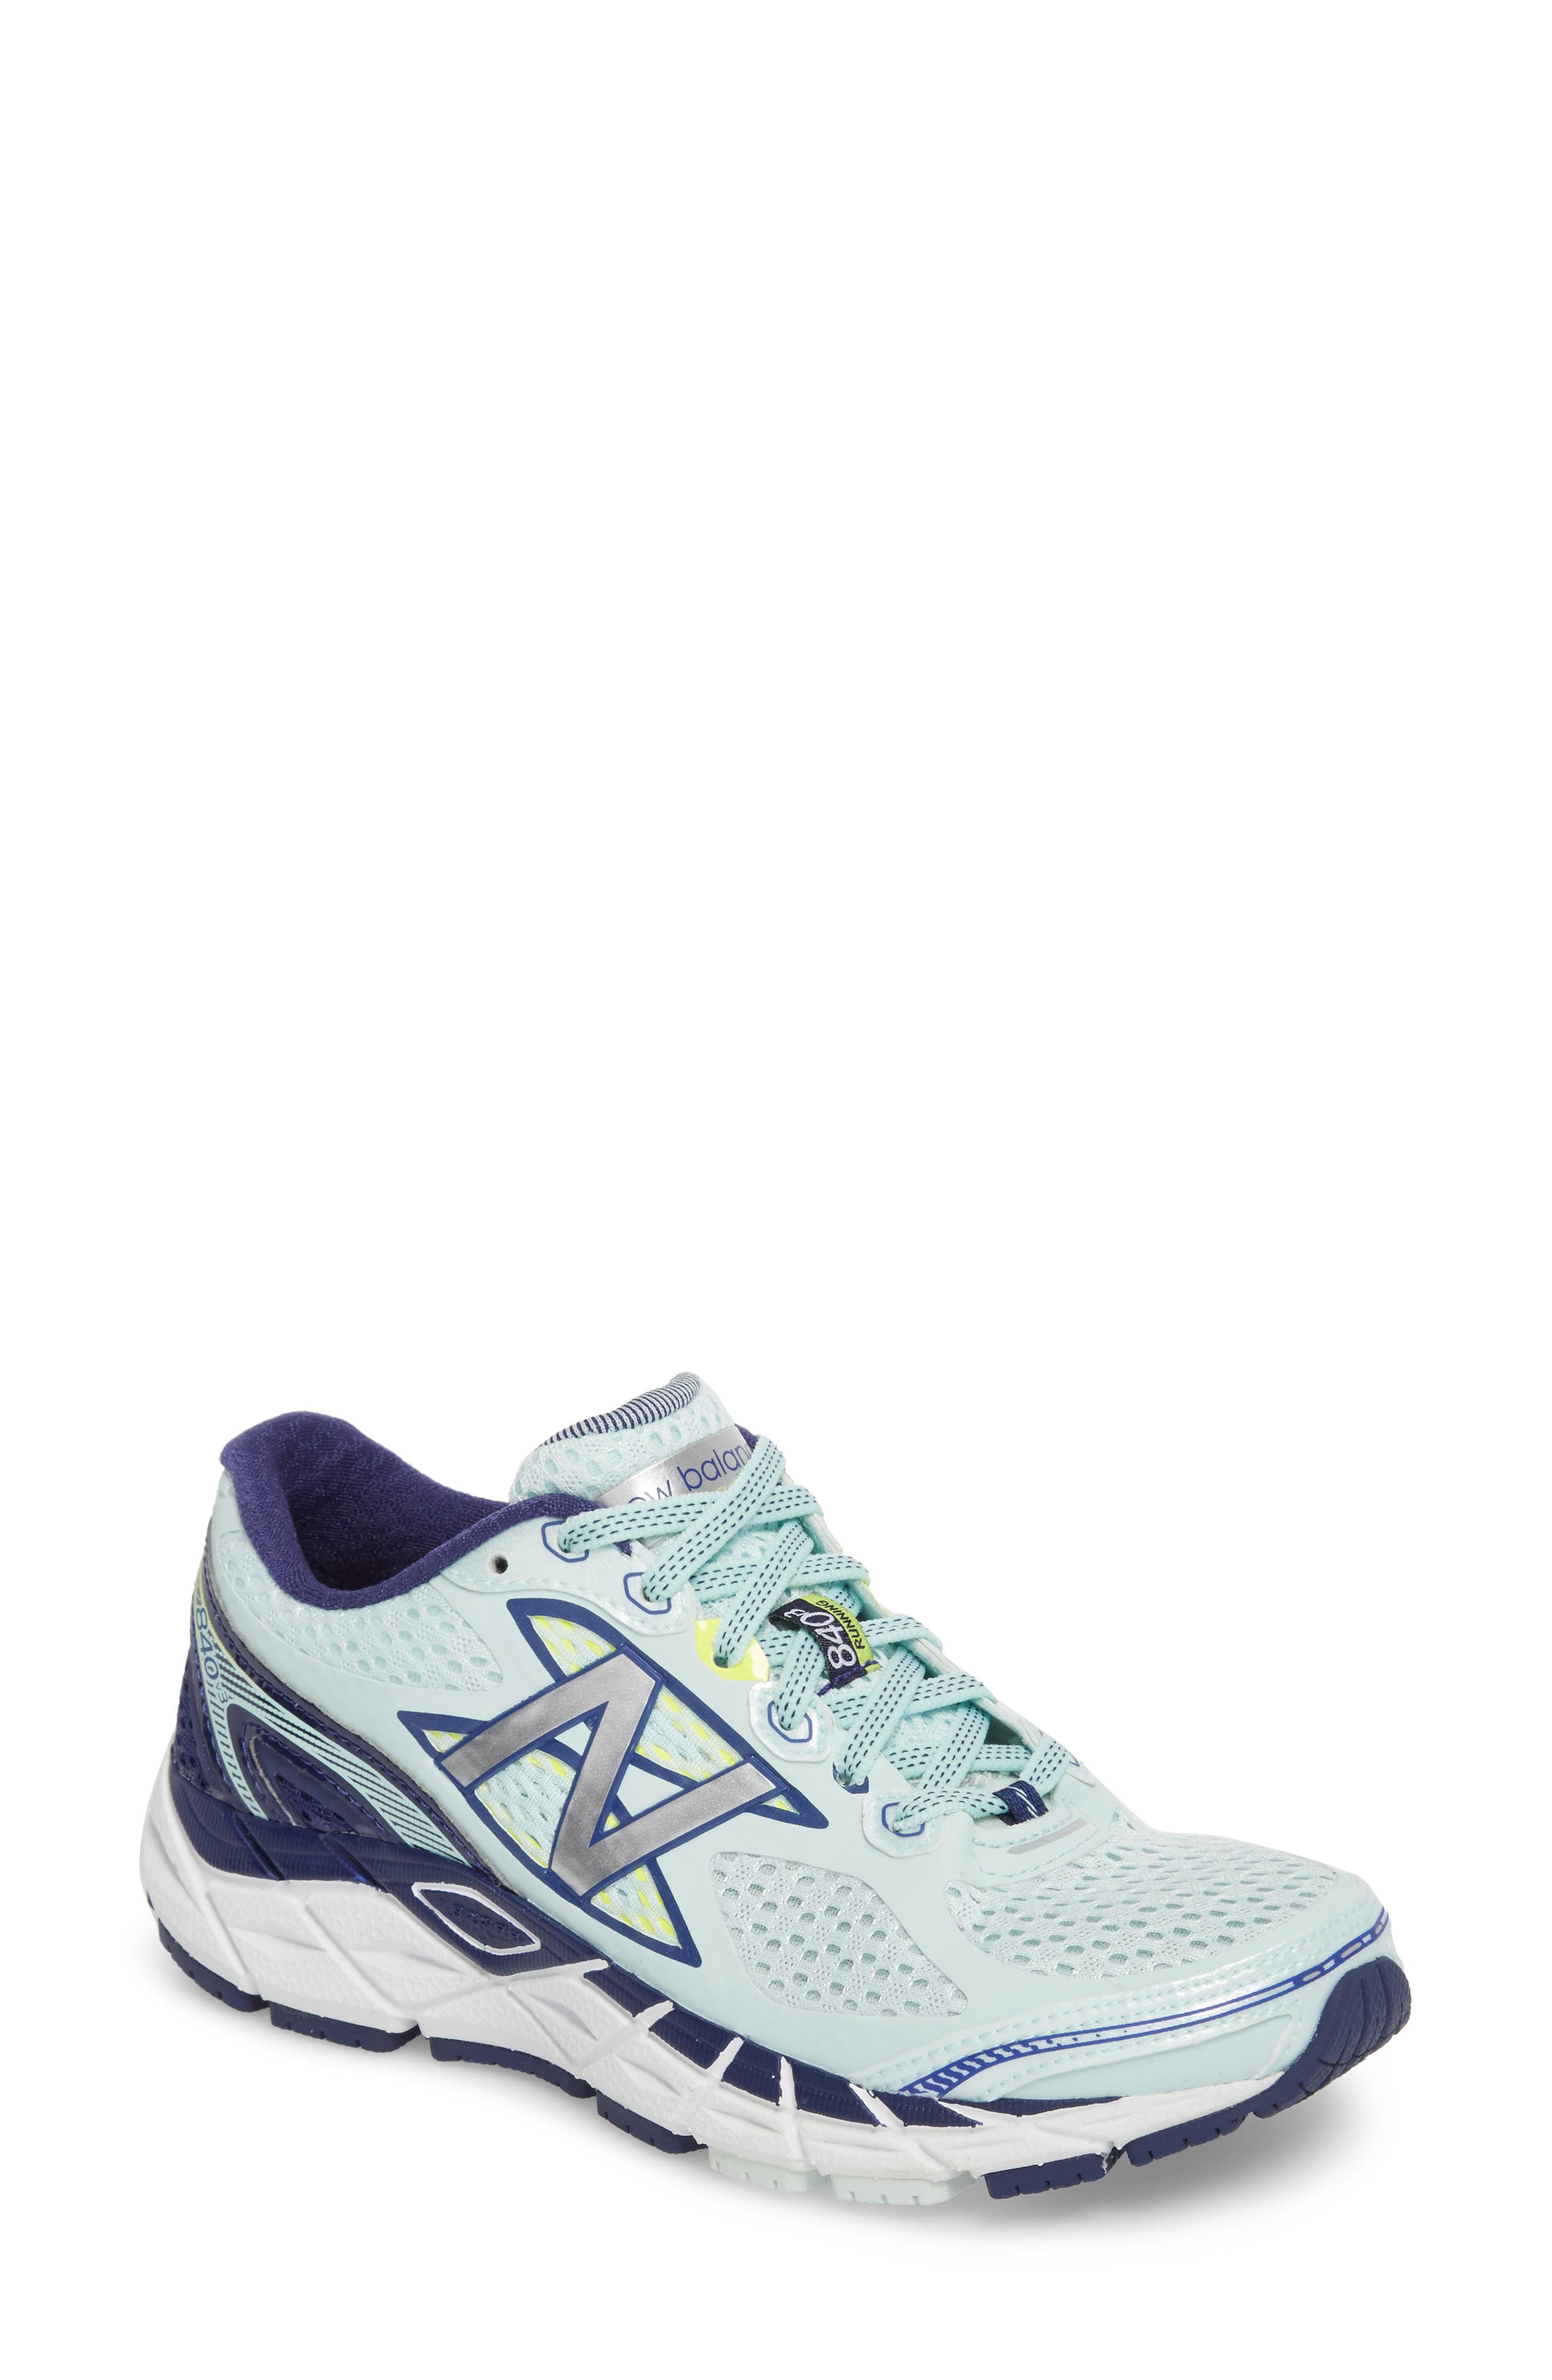 '840v3' Running Shoe,                         Main,                         color, DROPLET